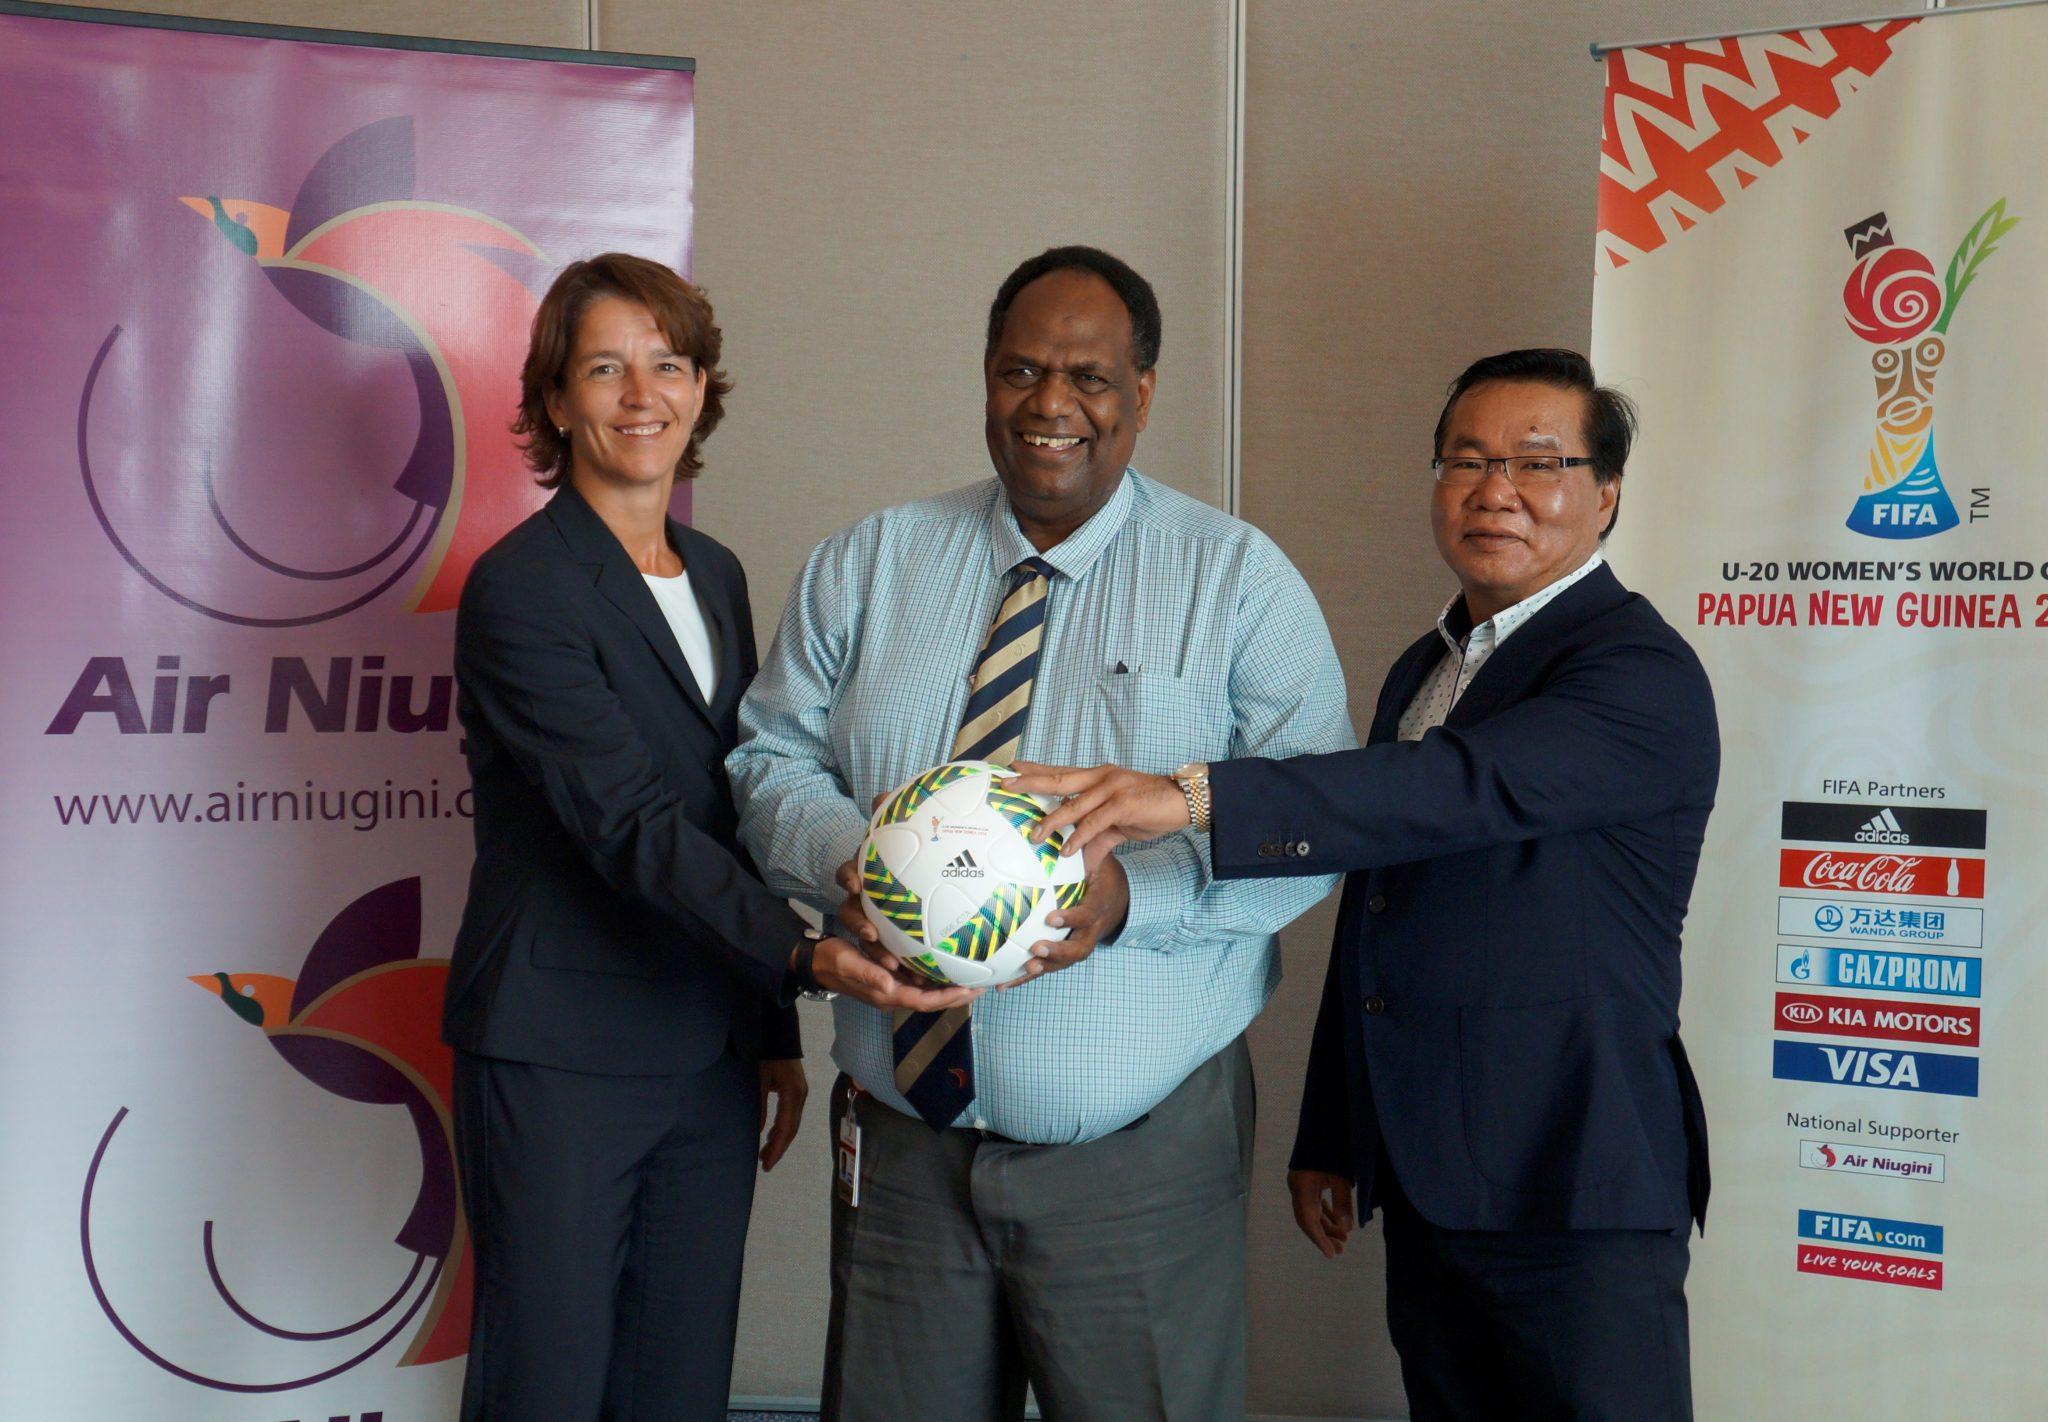 Air Niugini supports FIFA U-20 Women's World Cup, Papua New Guinea 2016